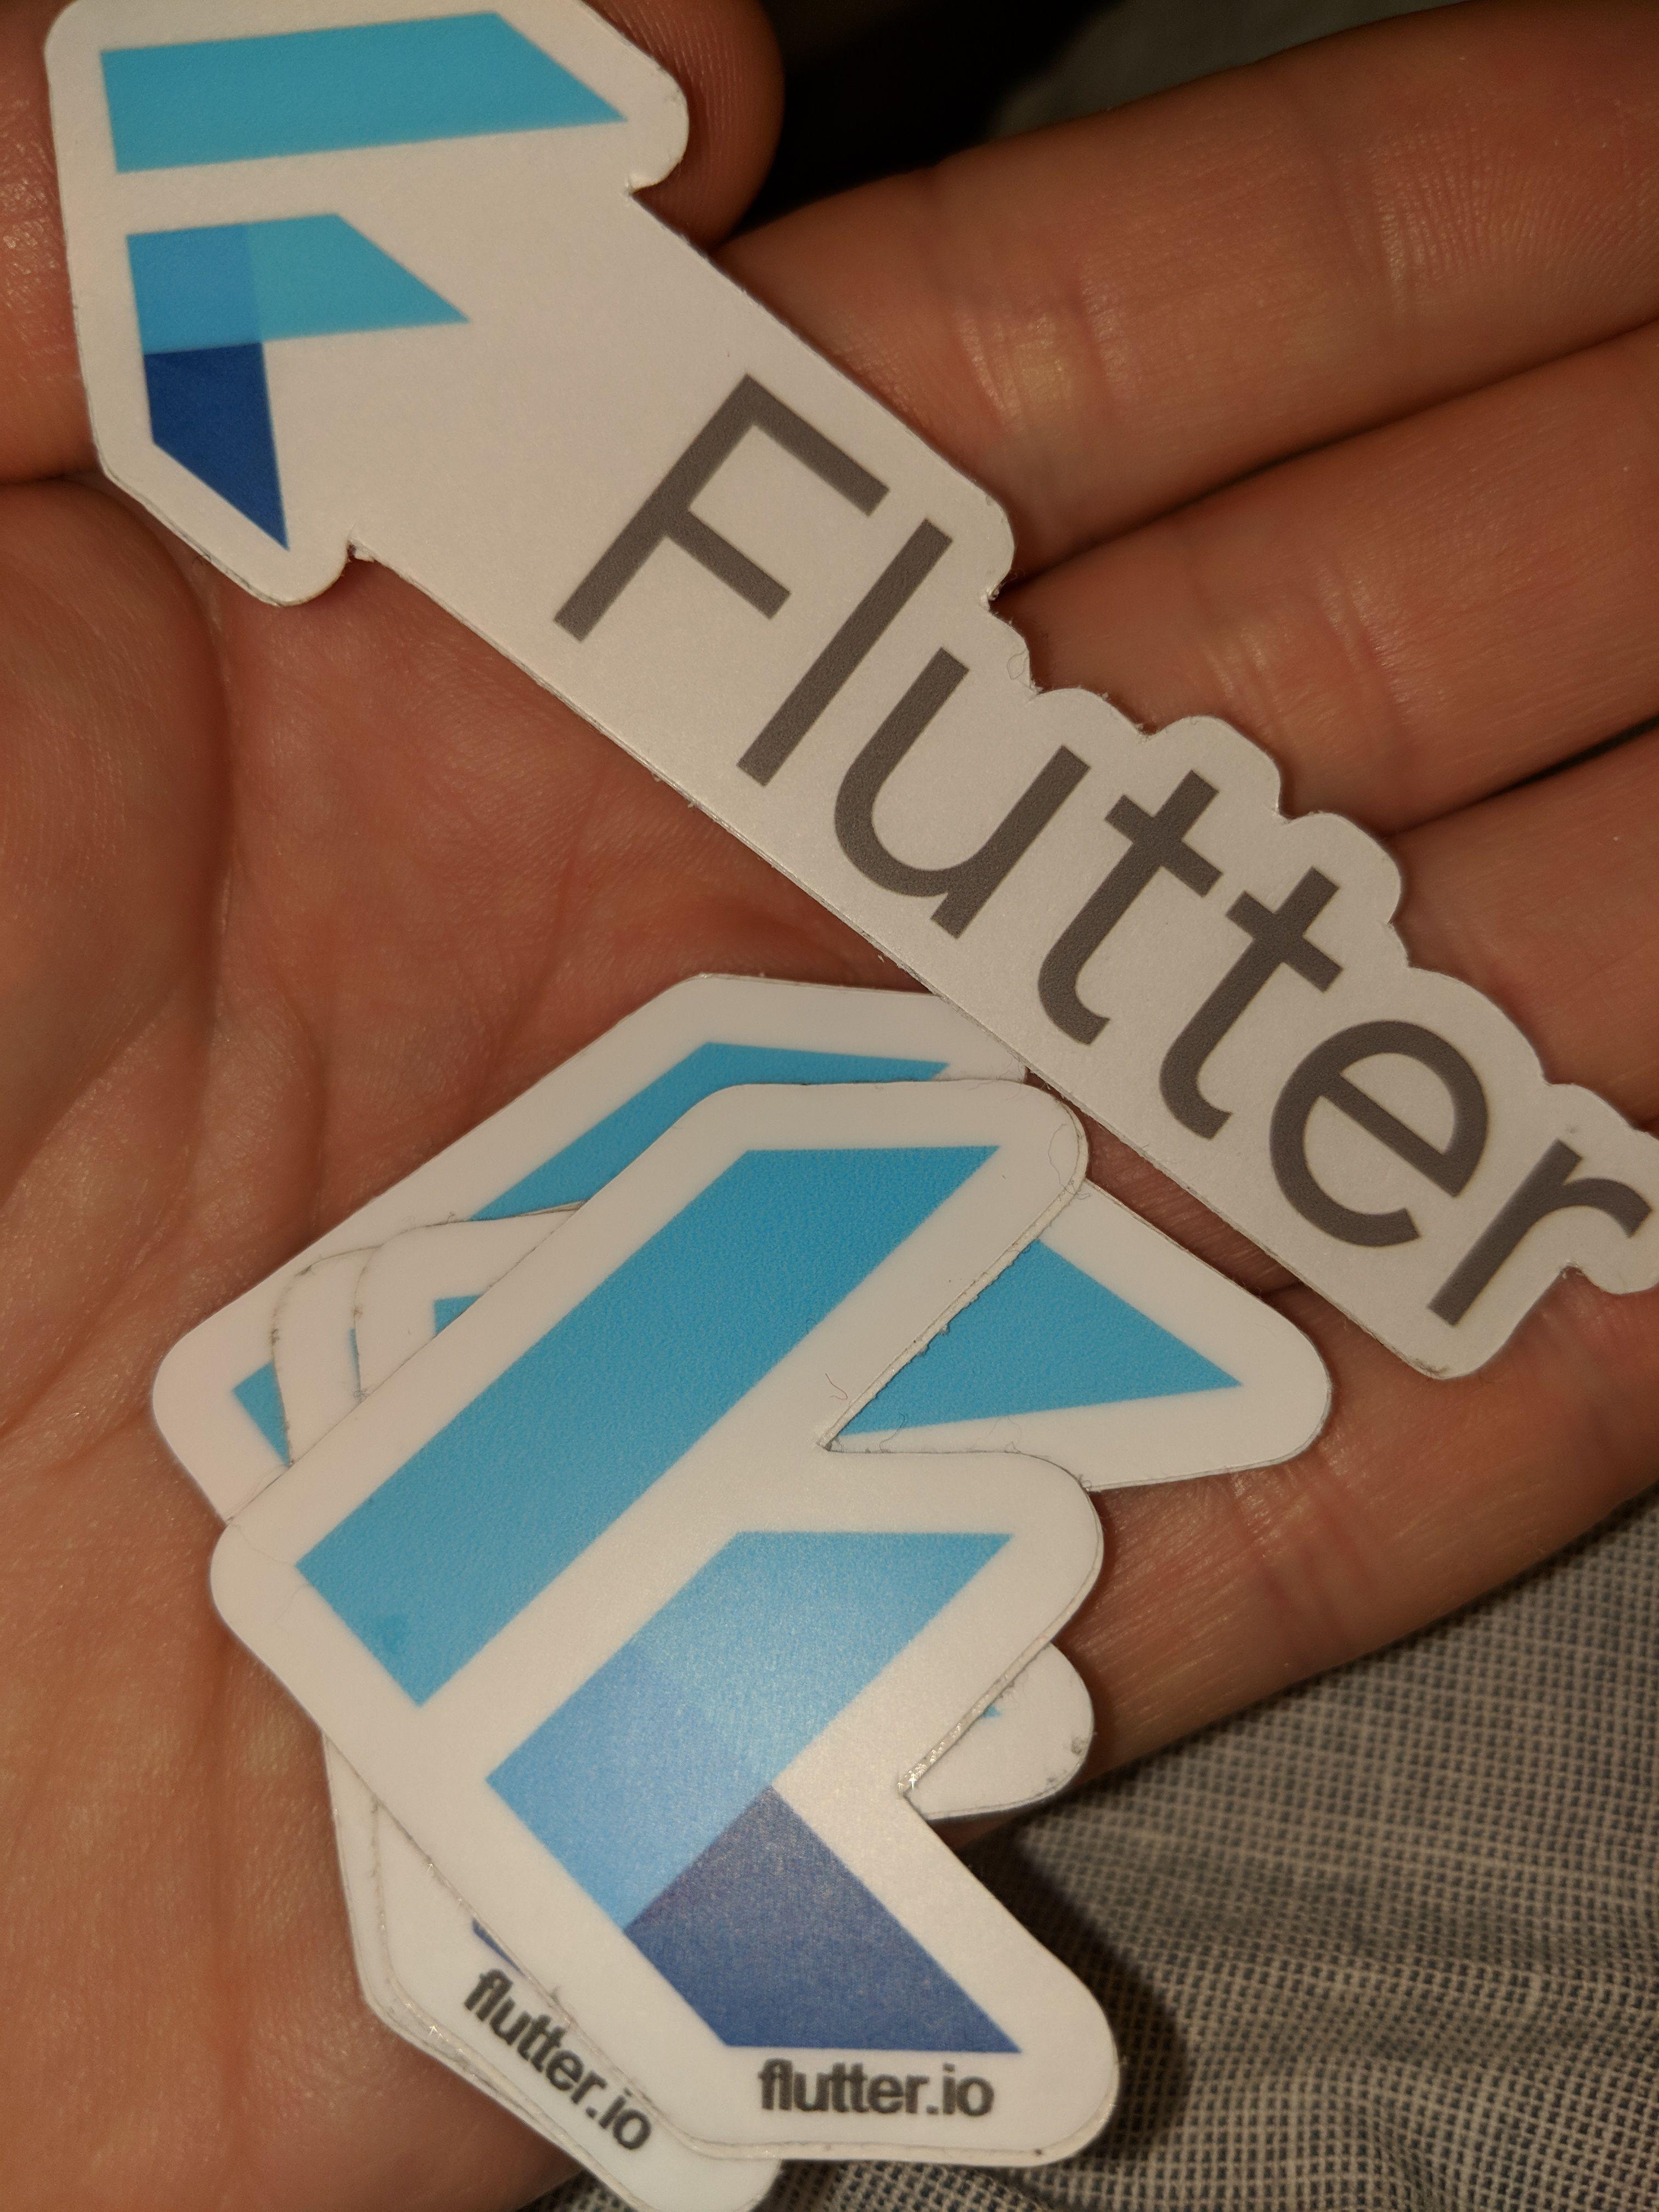 Photos - New York Flutter Developer Meetup (New York, NY) | Meetup